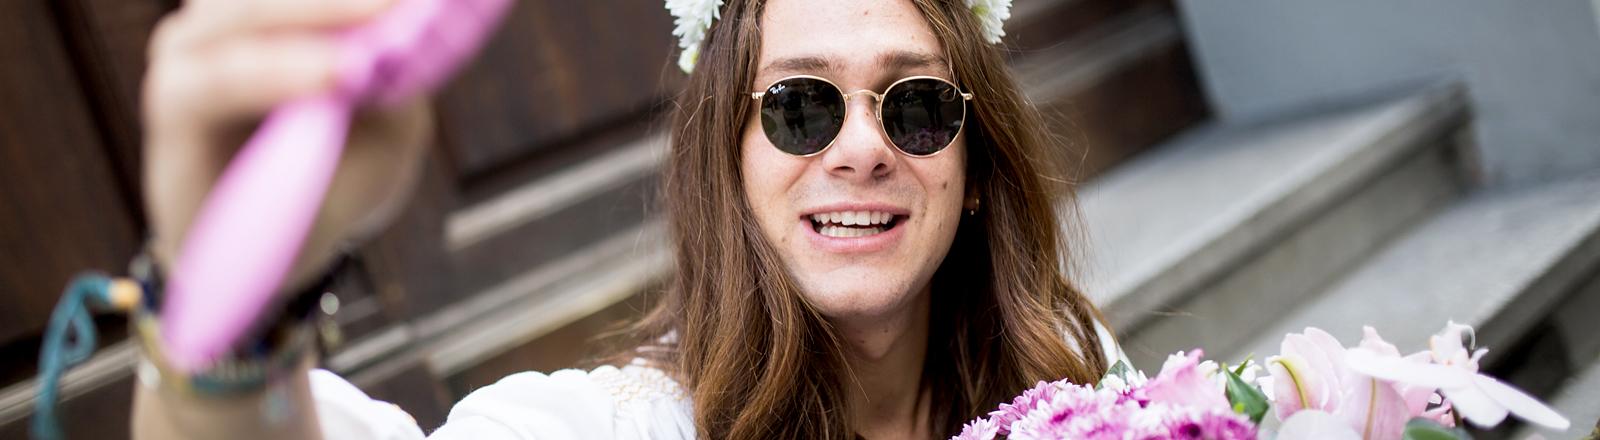 Mann mit Blumen im Haar.